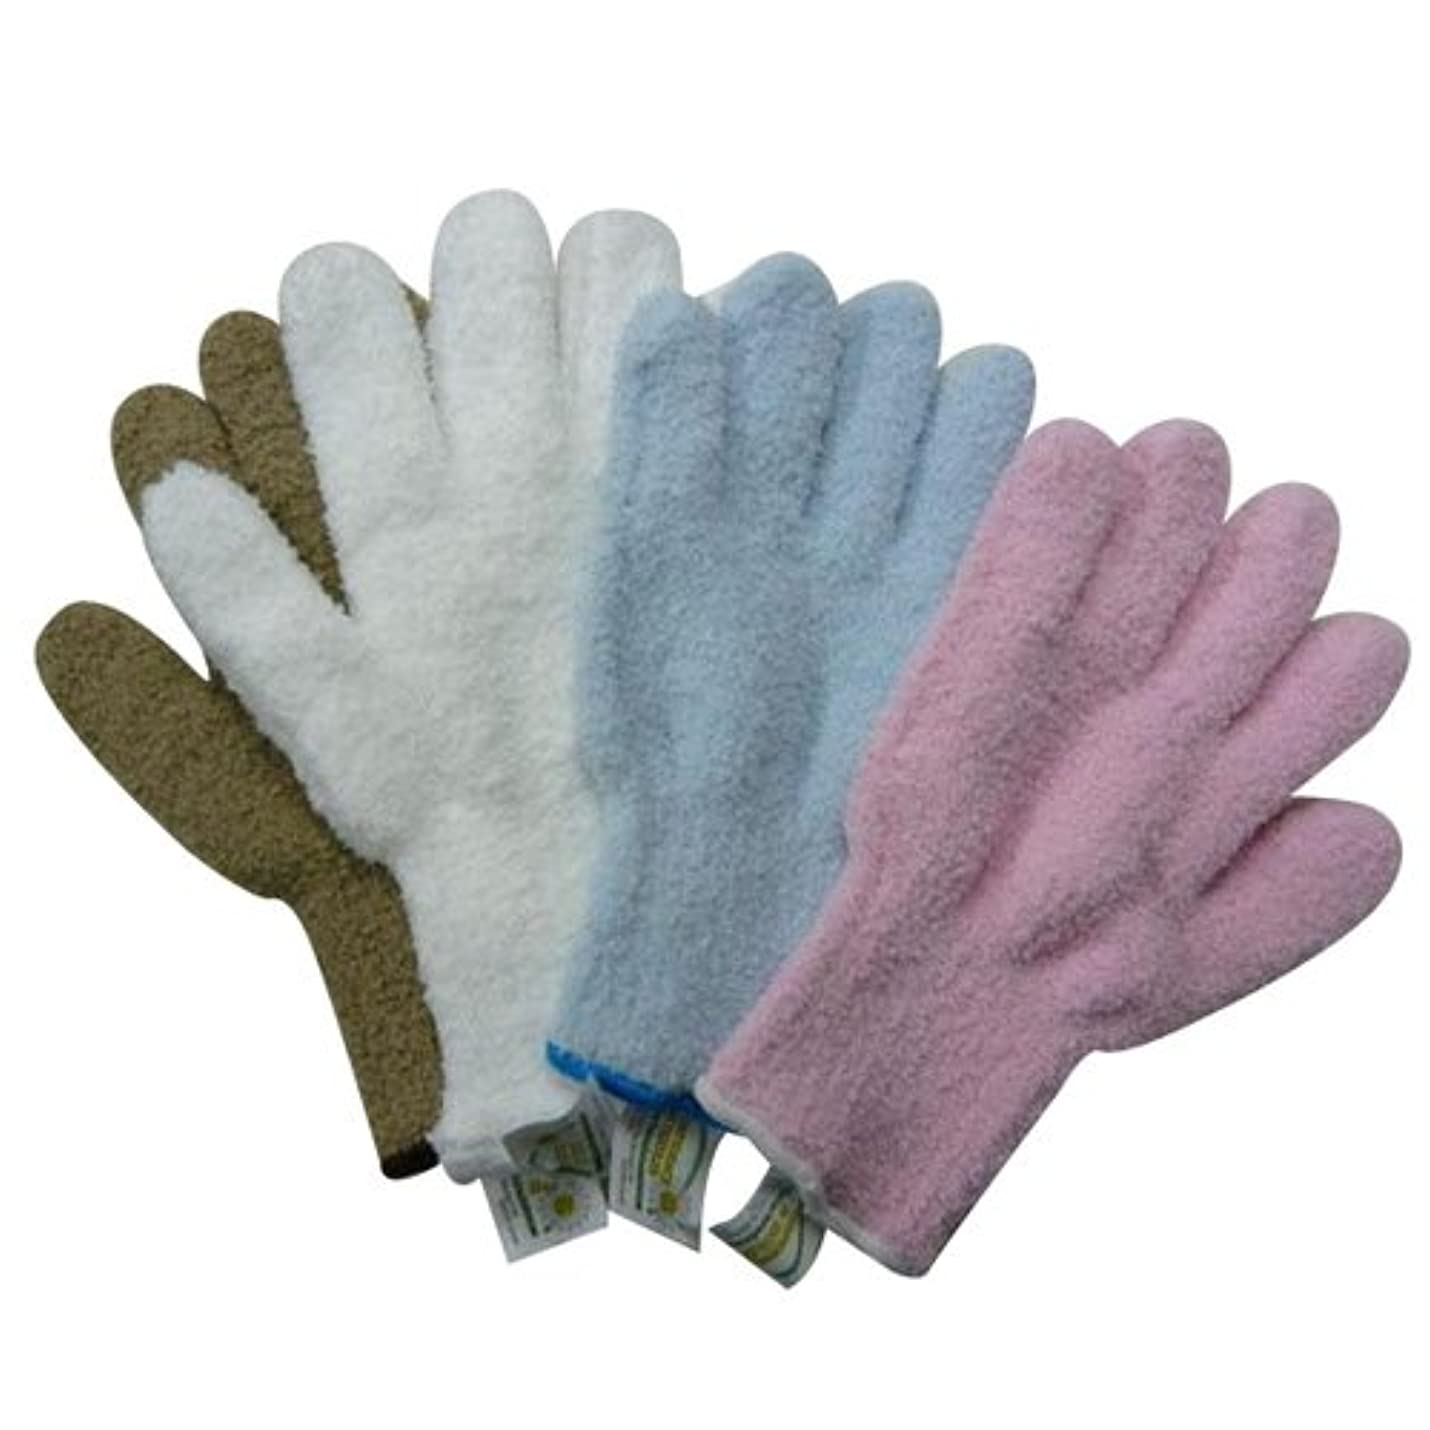 版黒人エッセンスウルトラ?マイクロファイバー手袋 エコテックスタグ付き×4色セット(KE702-WH?SB?BE?PK) 5007an